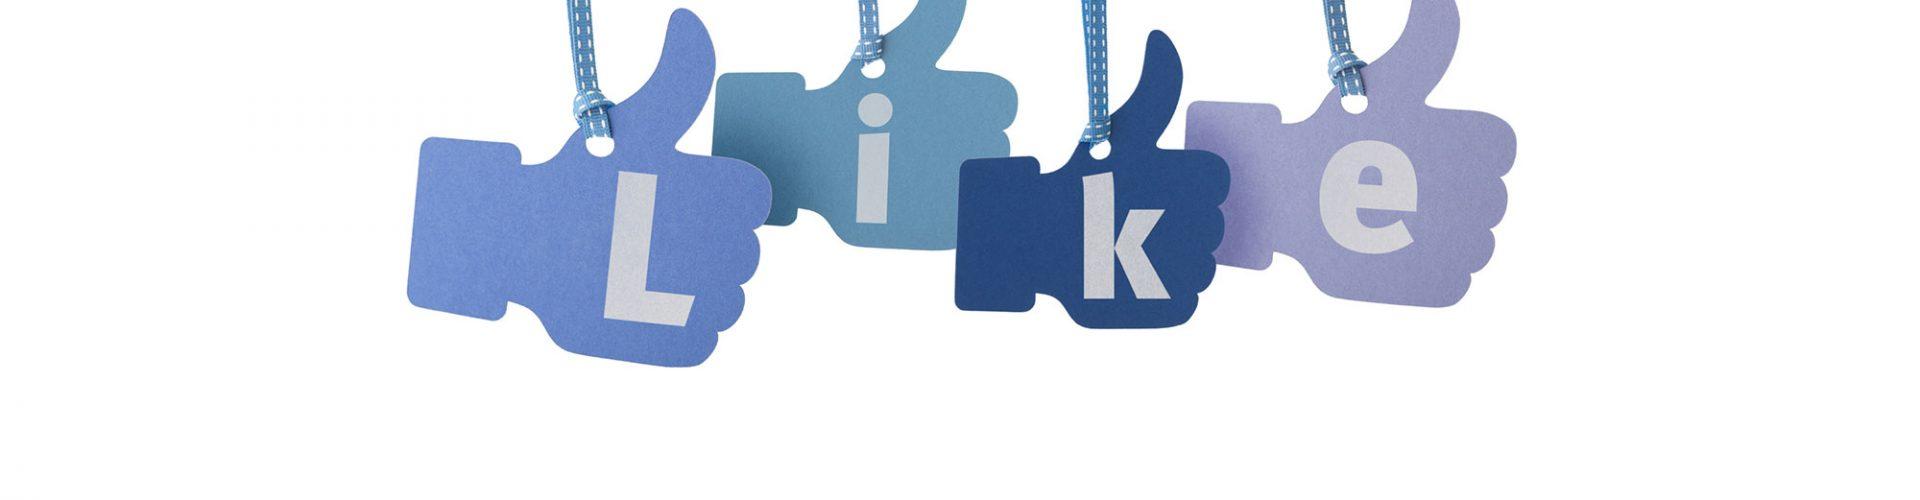 Facebook-cel-mai-bun-instrument-de-promovare